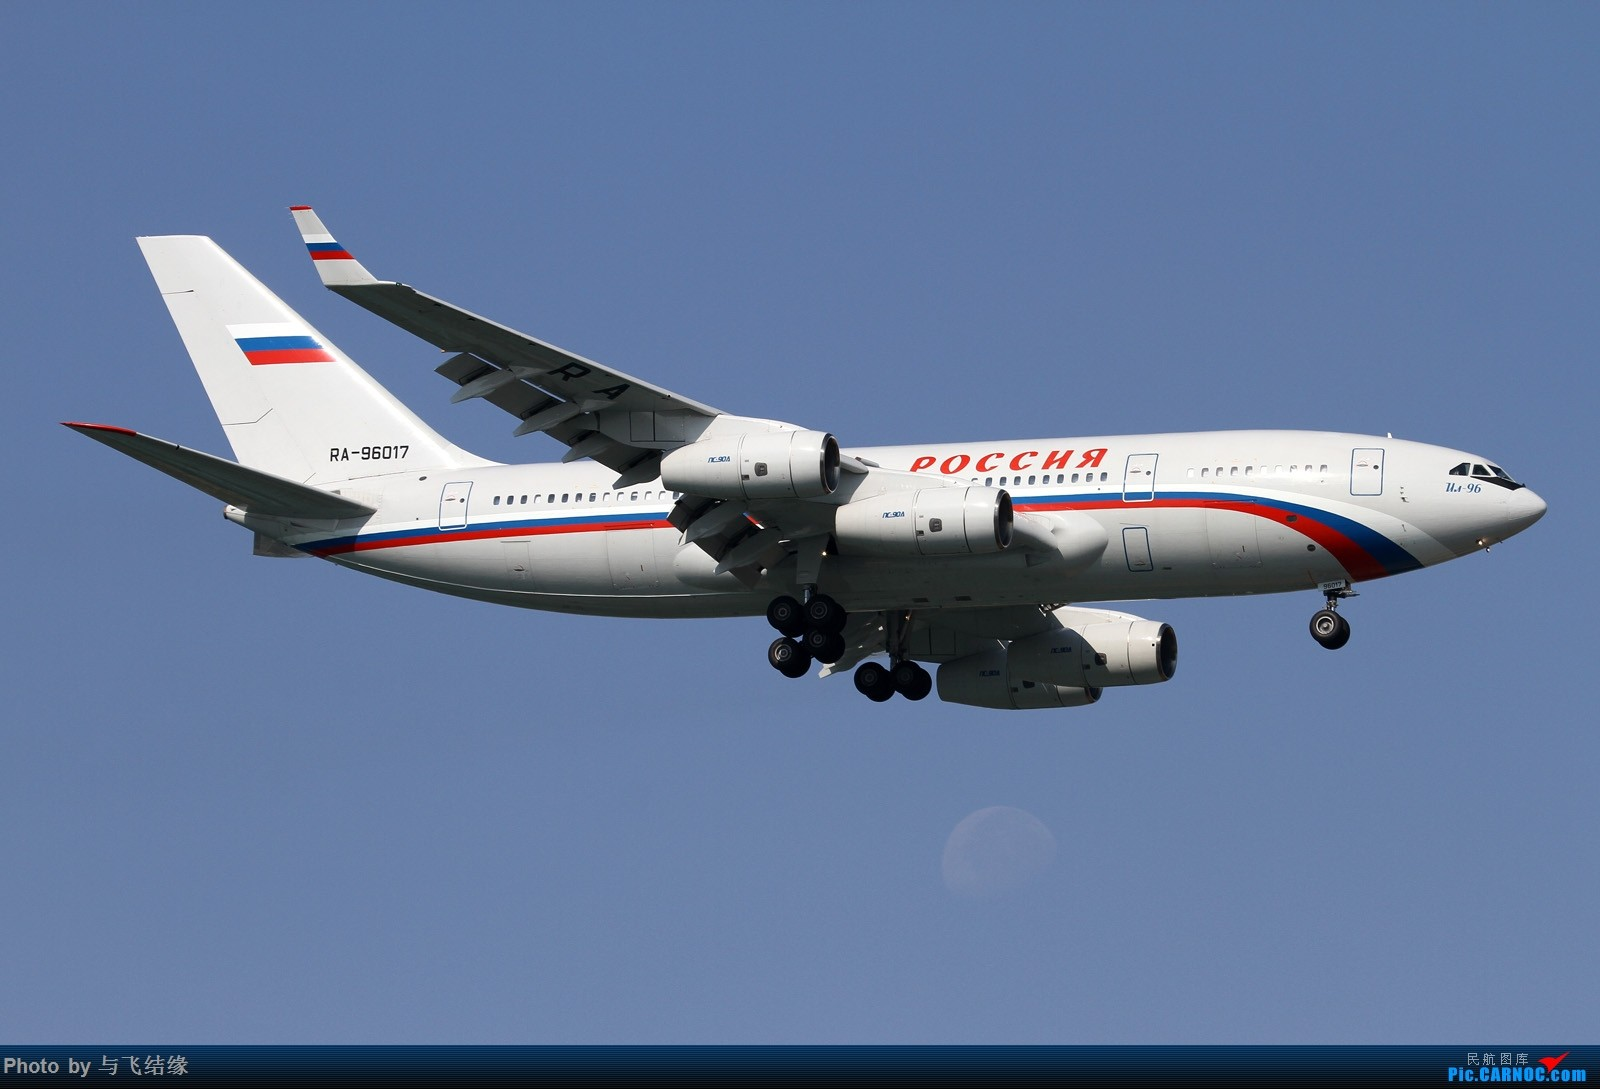 中国�9.��f��i)�il�)~K�_ilyushin il-96 ra-96017 中国北京首都国际机场